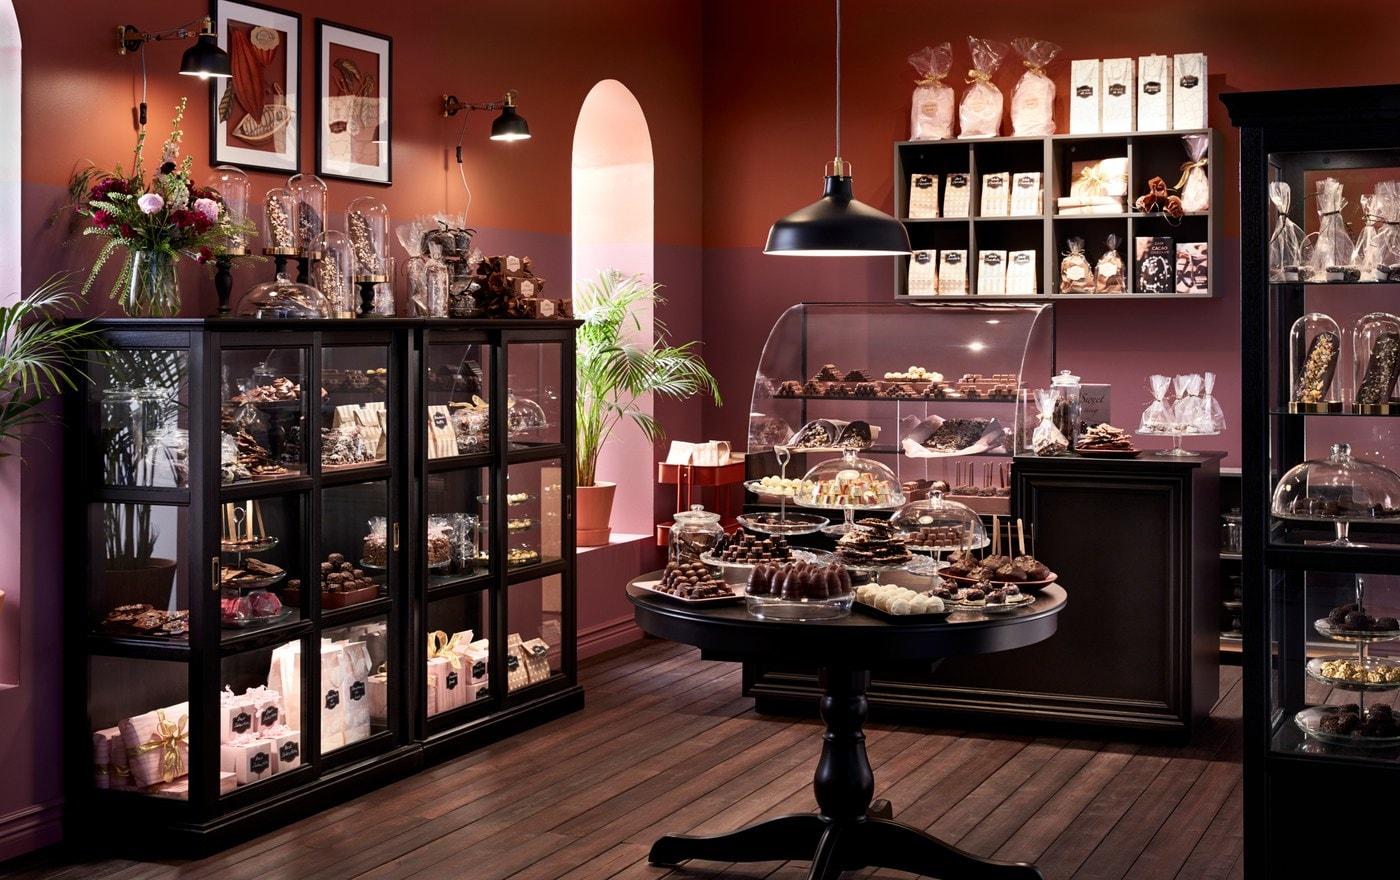 Кондитерская с коричневыми стенами и шкафами, покрытыми черной морилкой, со стеклянными дверцами.